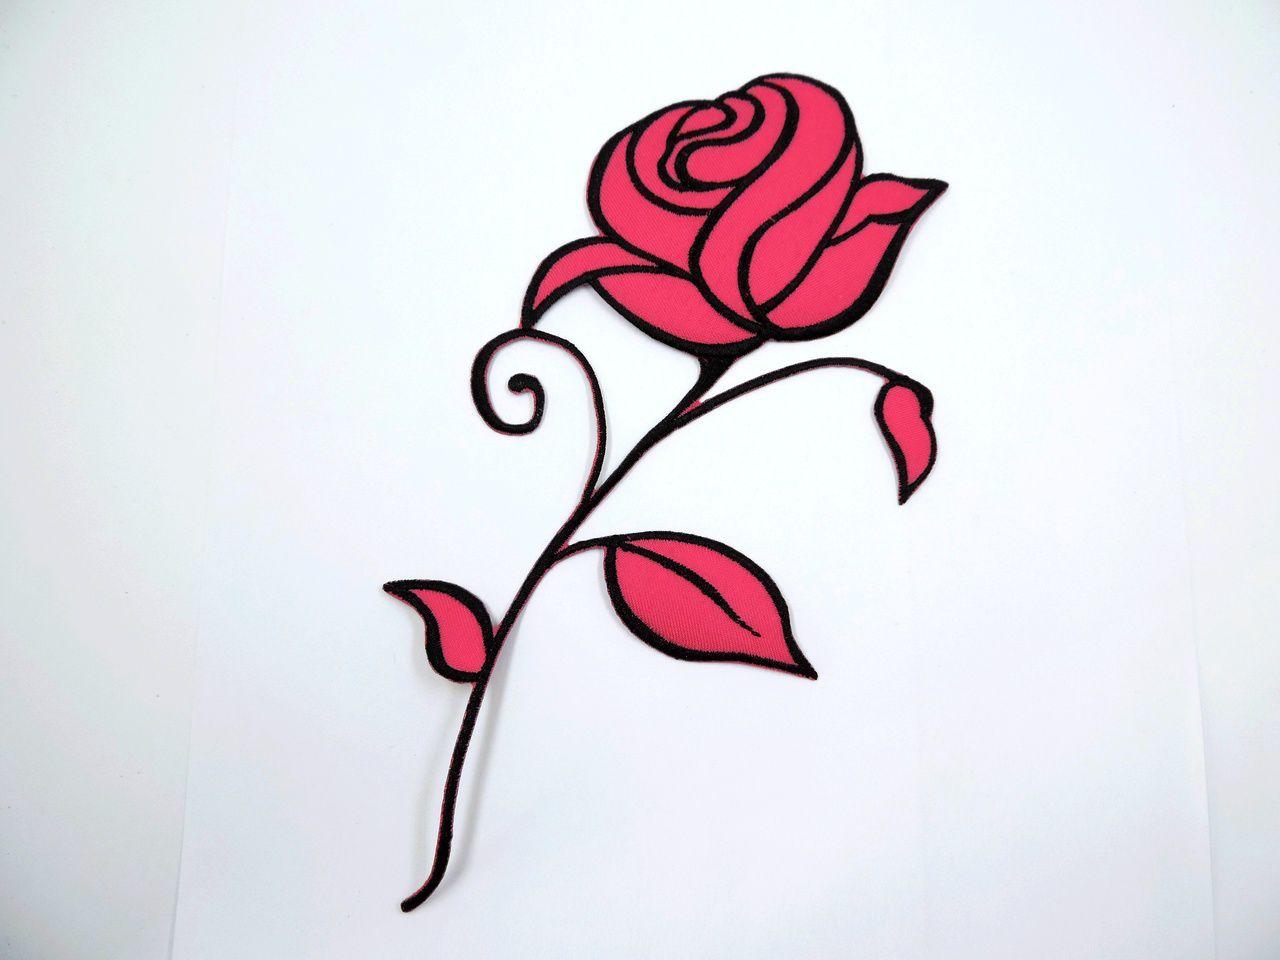 aplique termocolante flor rosa 20x10cm unitário